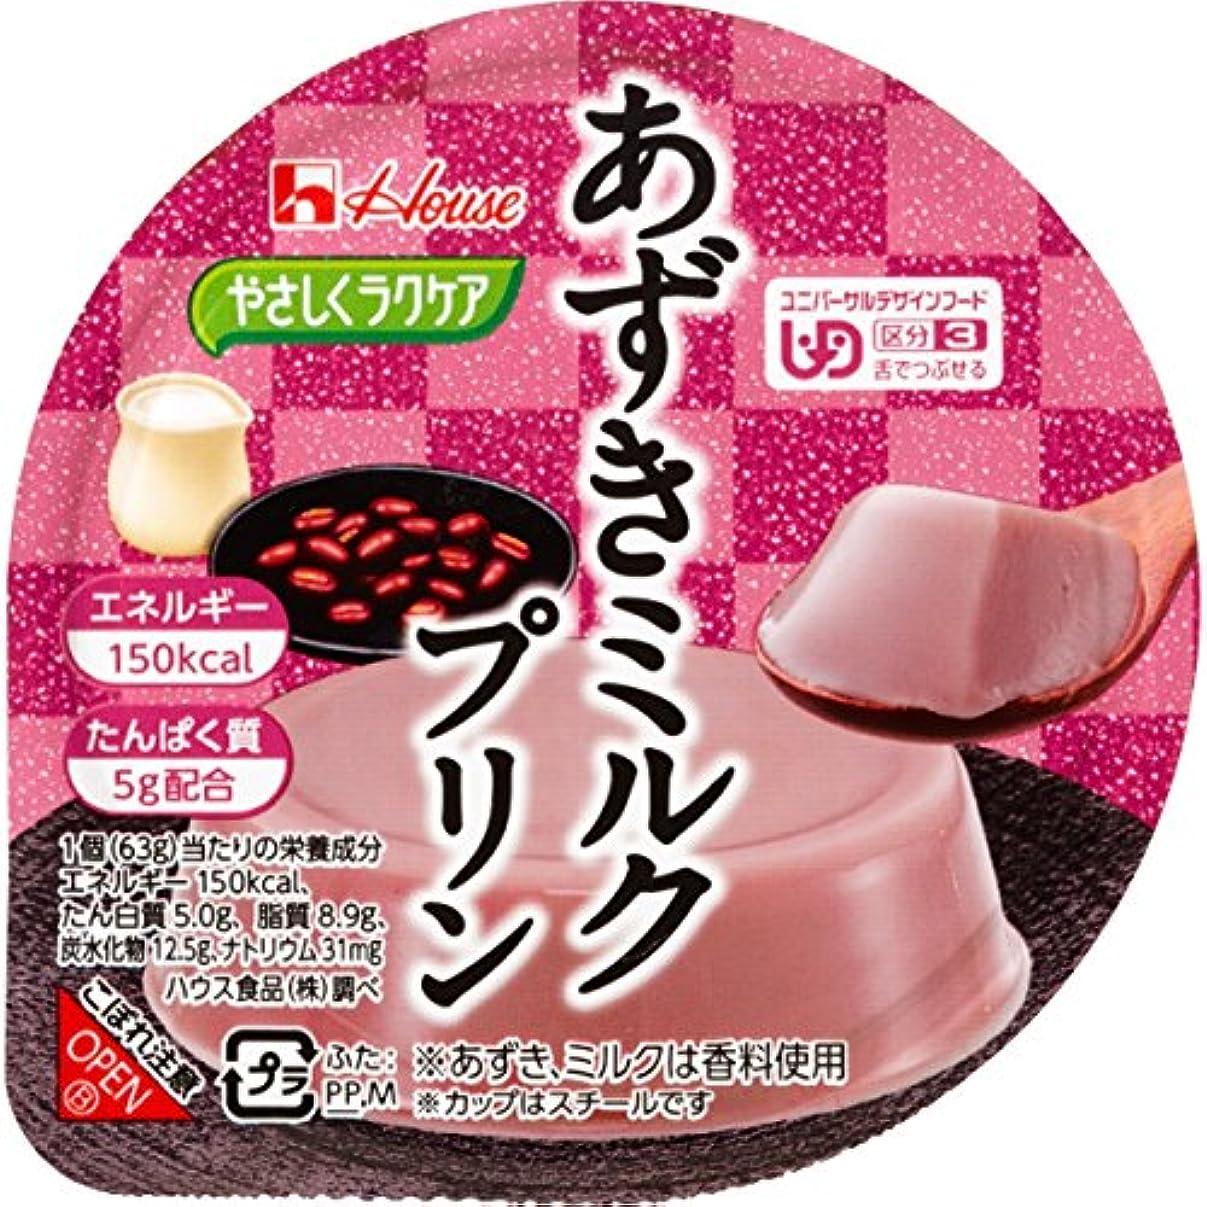 脳大型トラック飾るハウス食品 やさしくラクケア あずきミルクプリン (UDF区分3:舌でつぶせる) 63gx12個